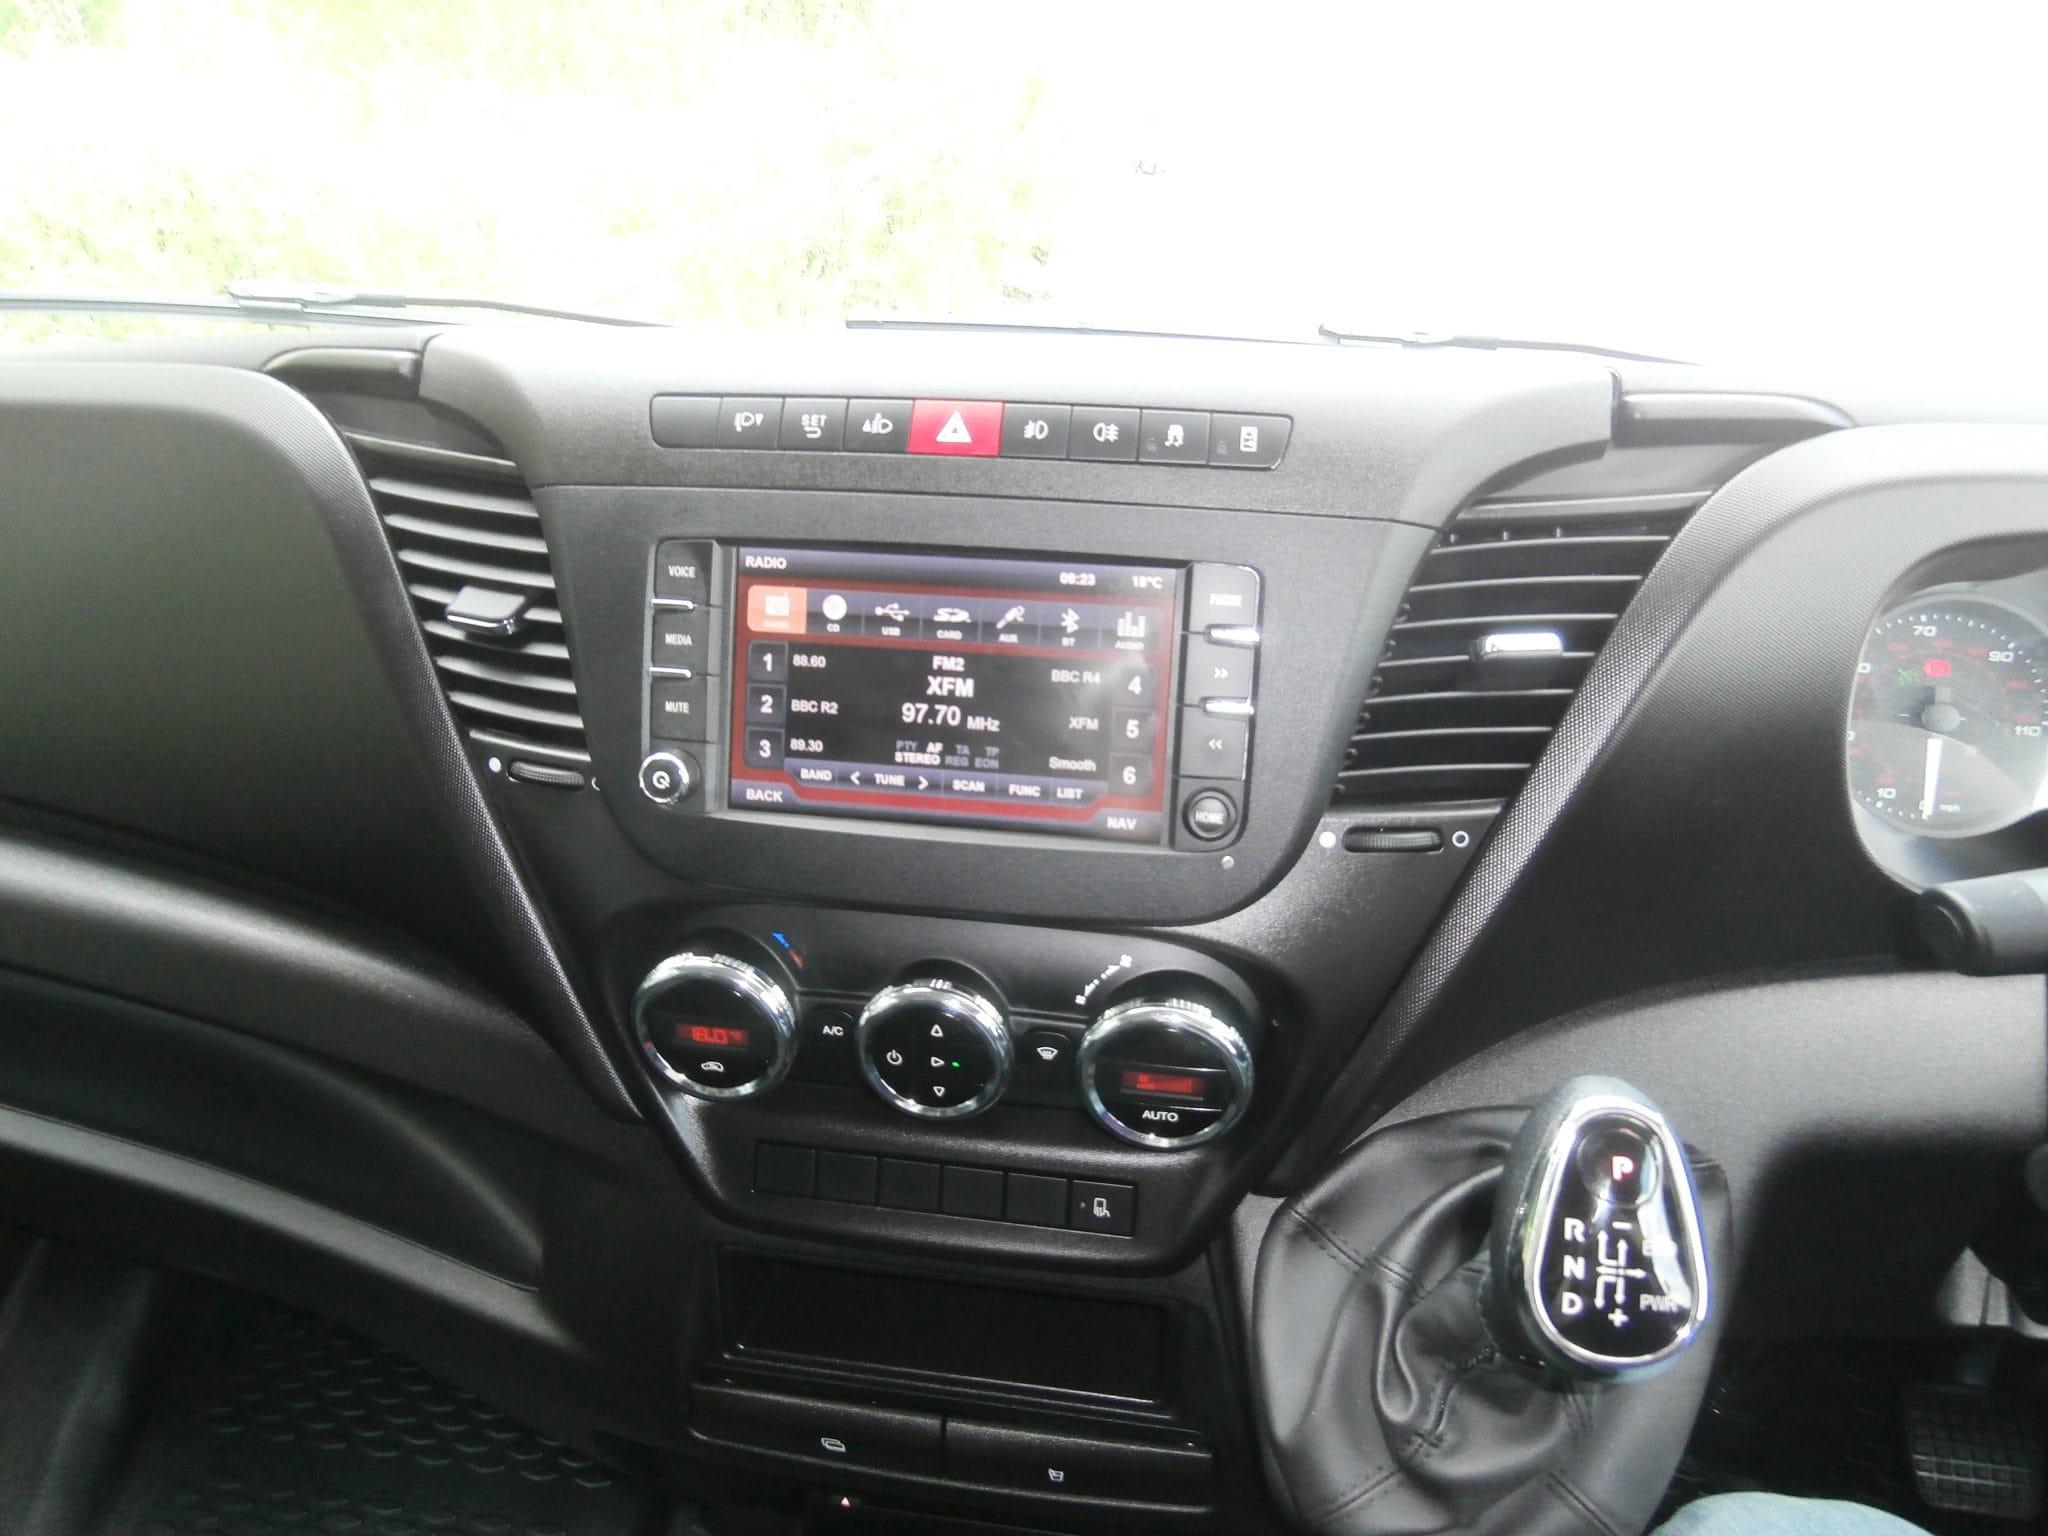 IVECO Daily Hi Matic : Company Car and Van